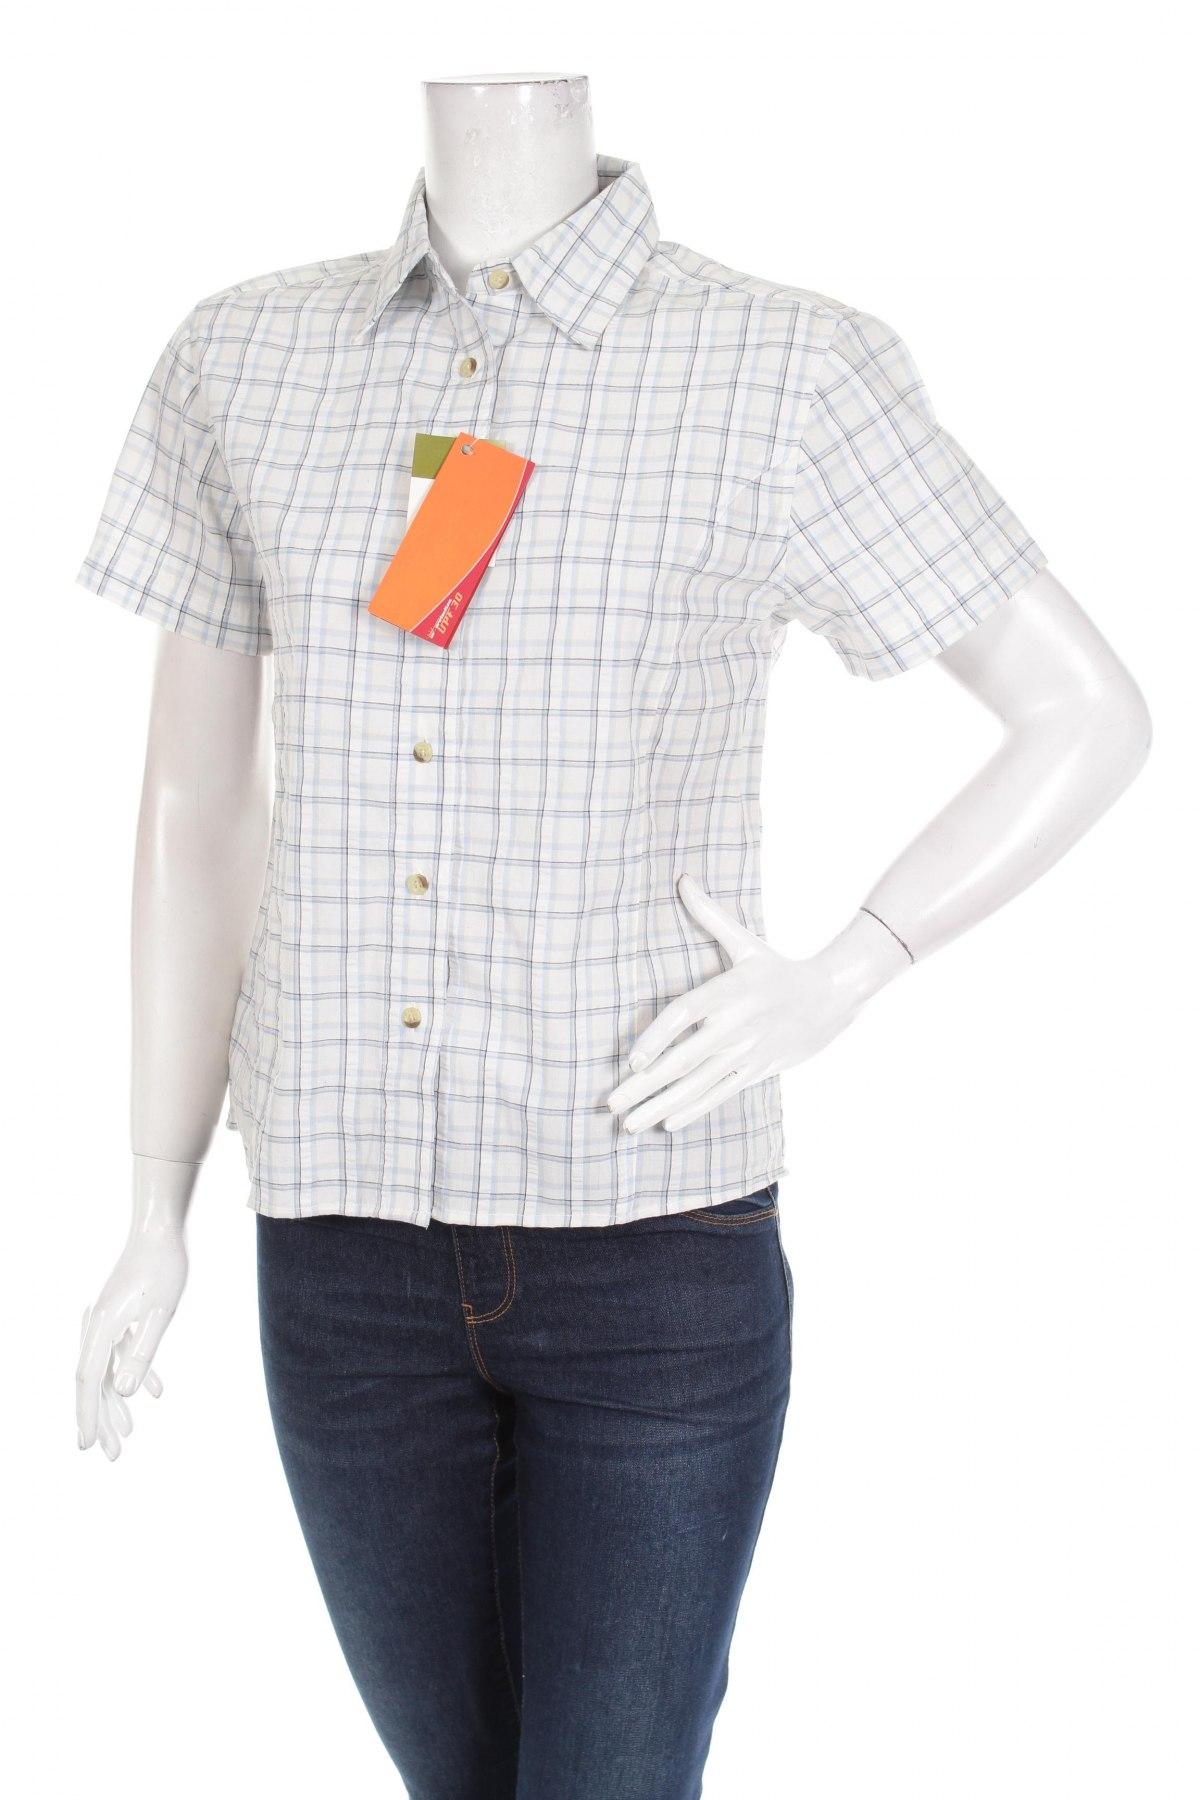 Γυναικείο πουκάμισο Crane, Μέγεθος M, Χρώμα Λευκό, 50% πολυεστέρας, 30% βισκόζη, 20% βαμβάκι, Τιμή 13,40€